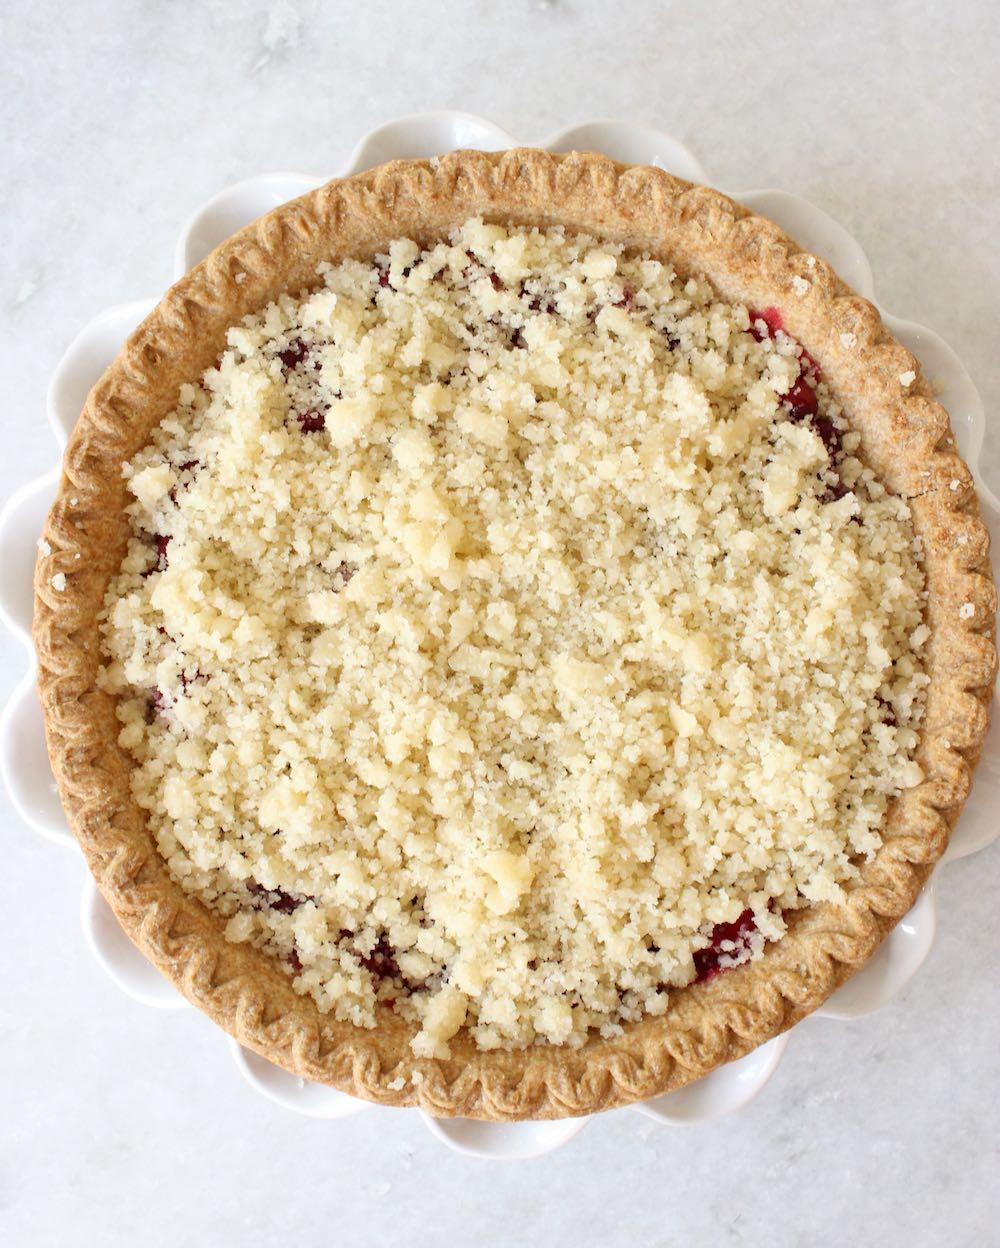 Vegan Streusel Topping for Pie